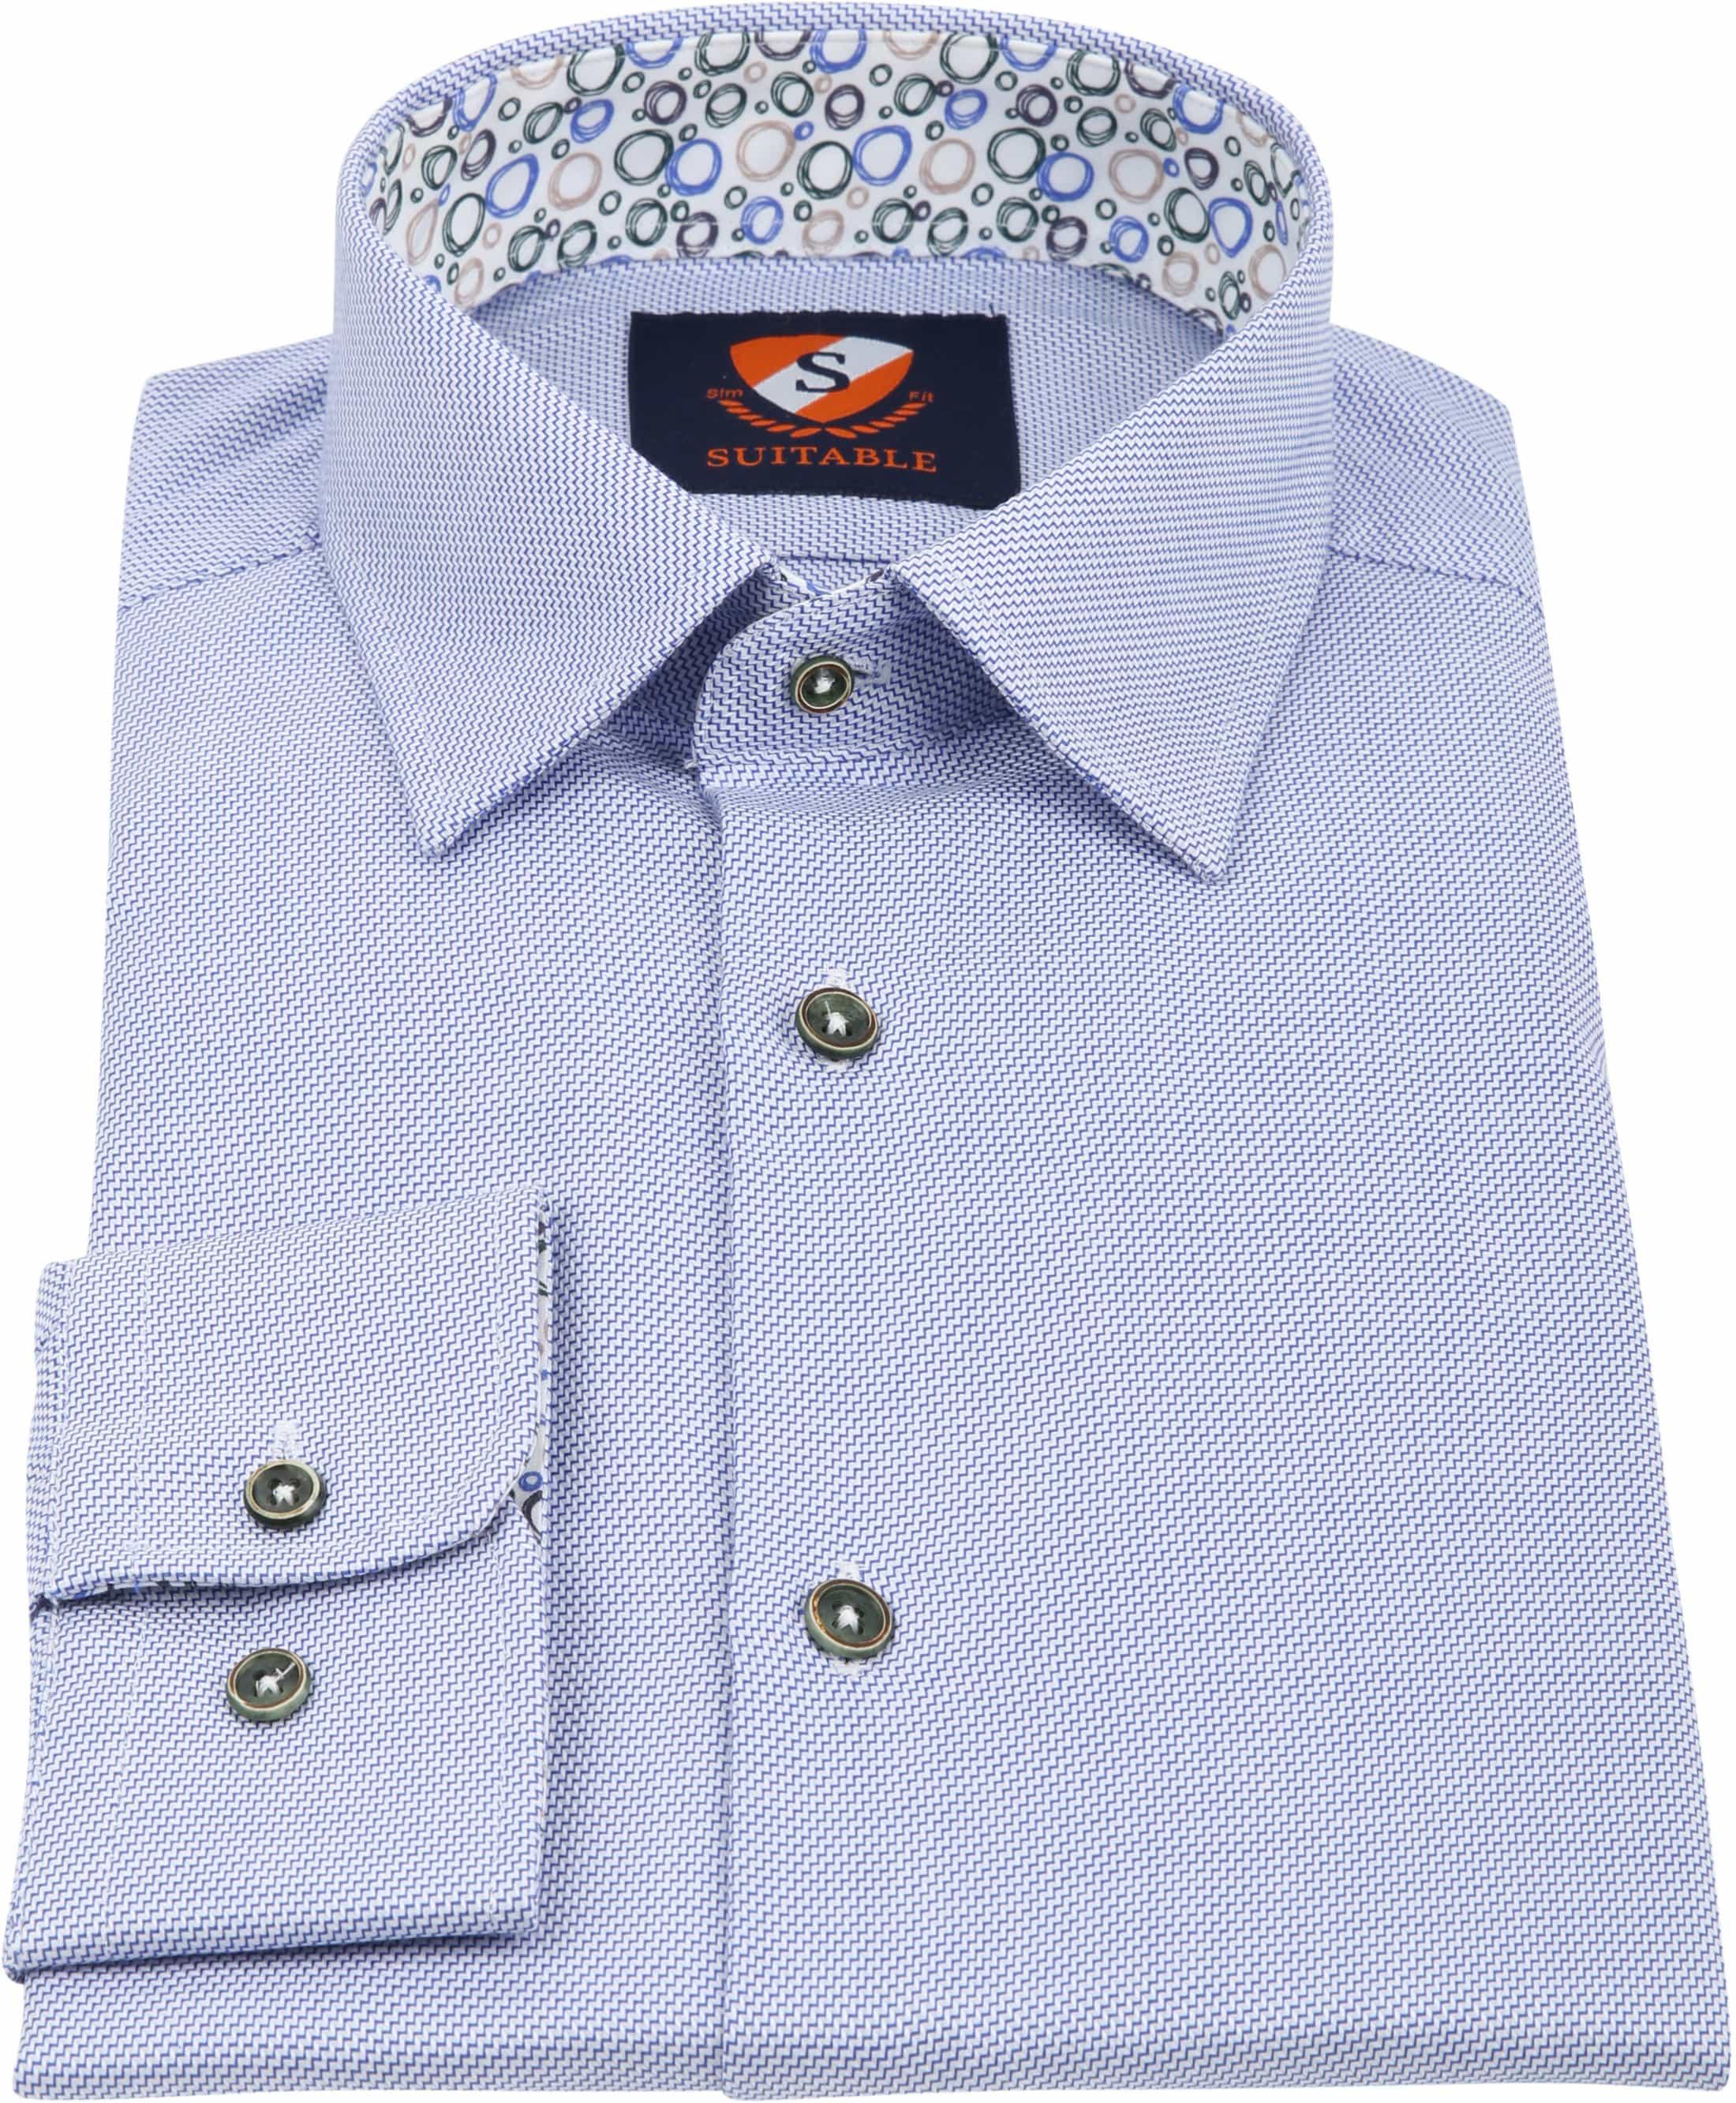 Suitable Shirt HBD Waut Blue foto 2